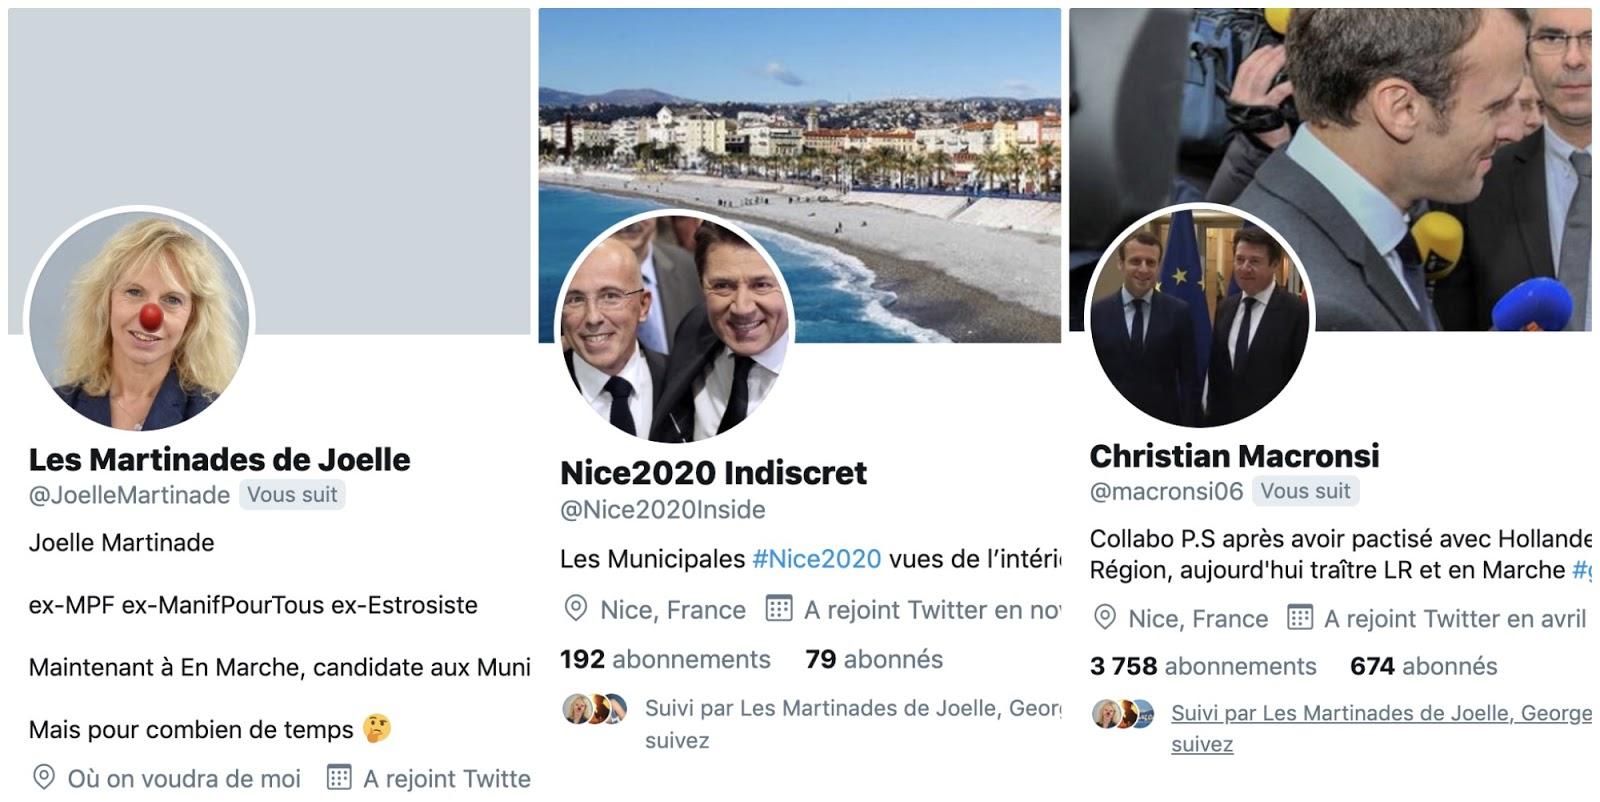 Ragots, règlements de comptes: sur Twitter, ces anonymes mordants qui vont pimenter la municipale niçoise